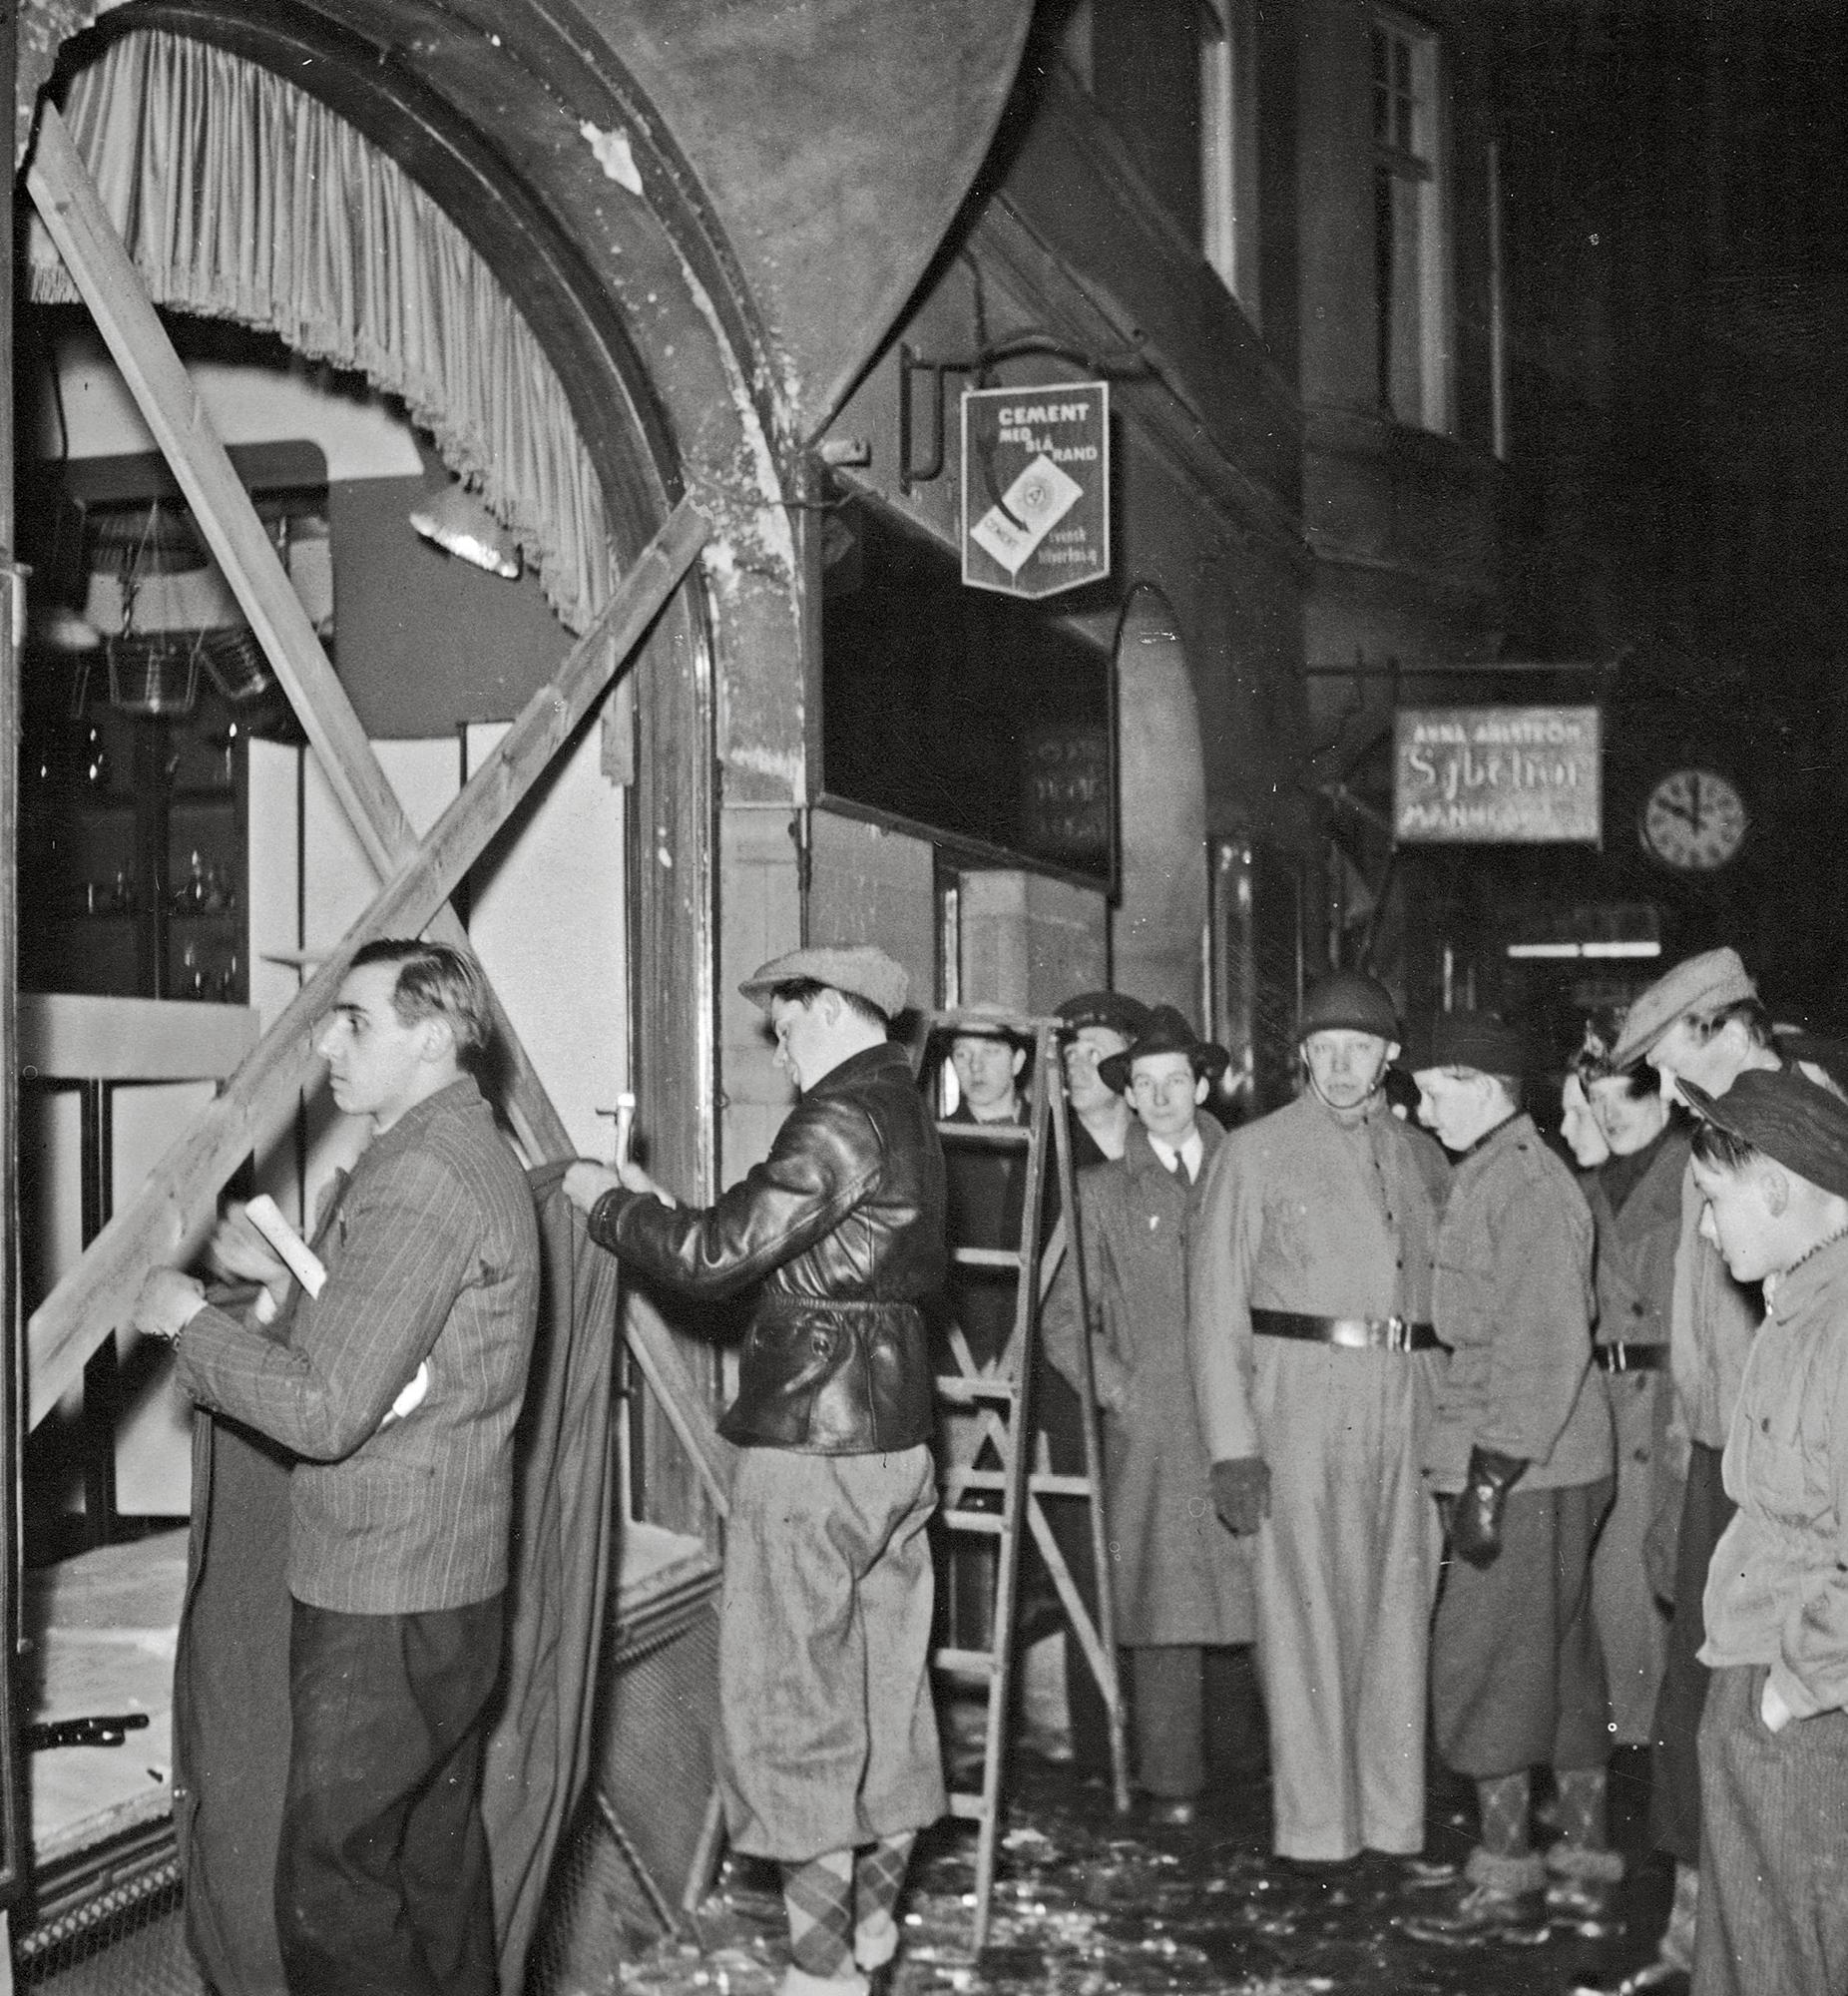 Tukholmalaismiehet kokoontuivat tutkimaan pommituksessa rikkoutuneen rautakaupan ikkunaa.